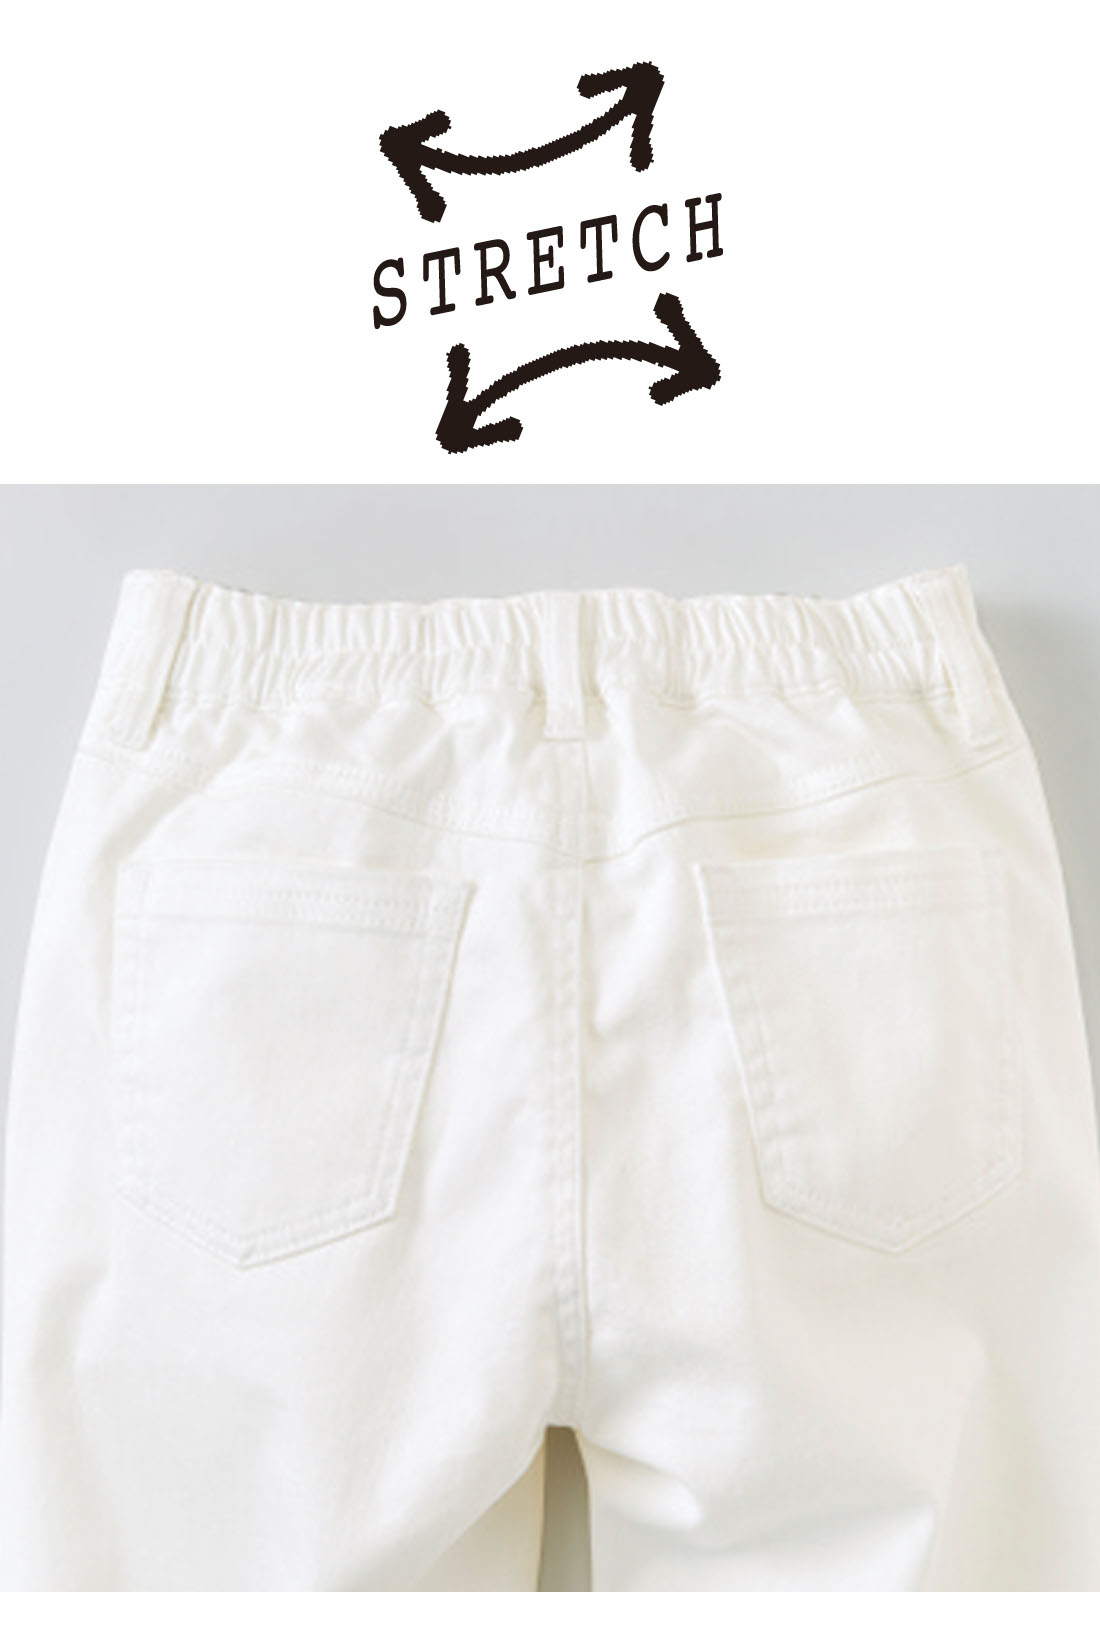 Back パンツは後ろゴム仕様でらくちん。後ろポケットでヒップをさりげなくカバー。